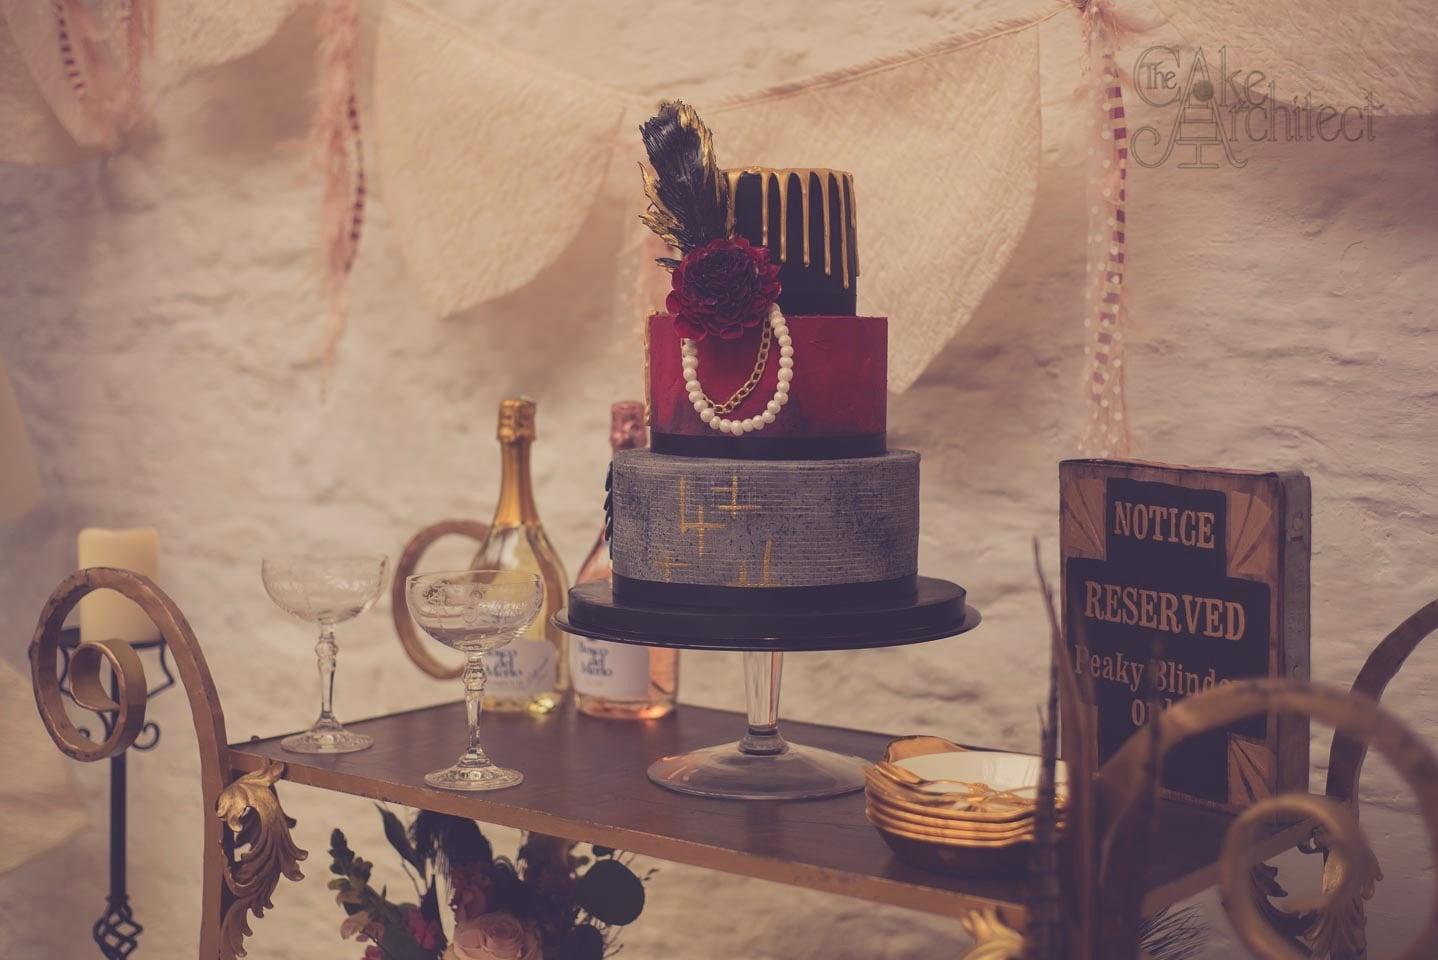 Luxury Wedding Cake, Peaky Blinders, The Cake Architect, Bradford-on-Avon